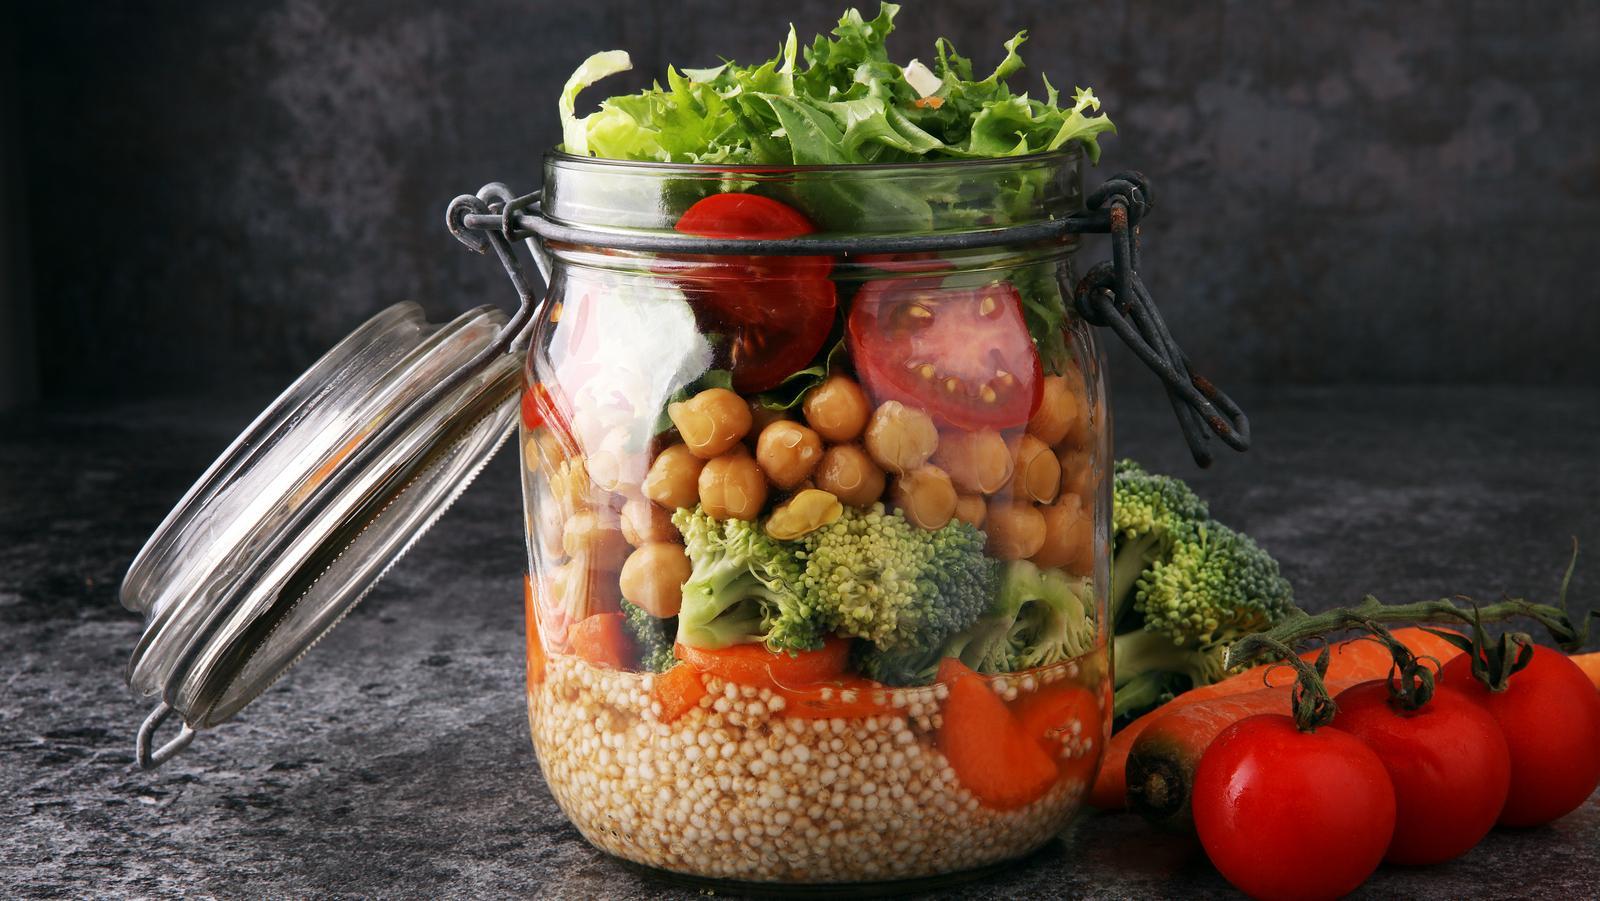 diéta a magas koleszterinszint és a fogyás és